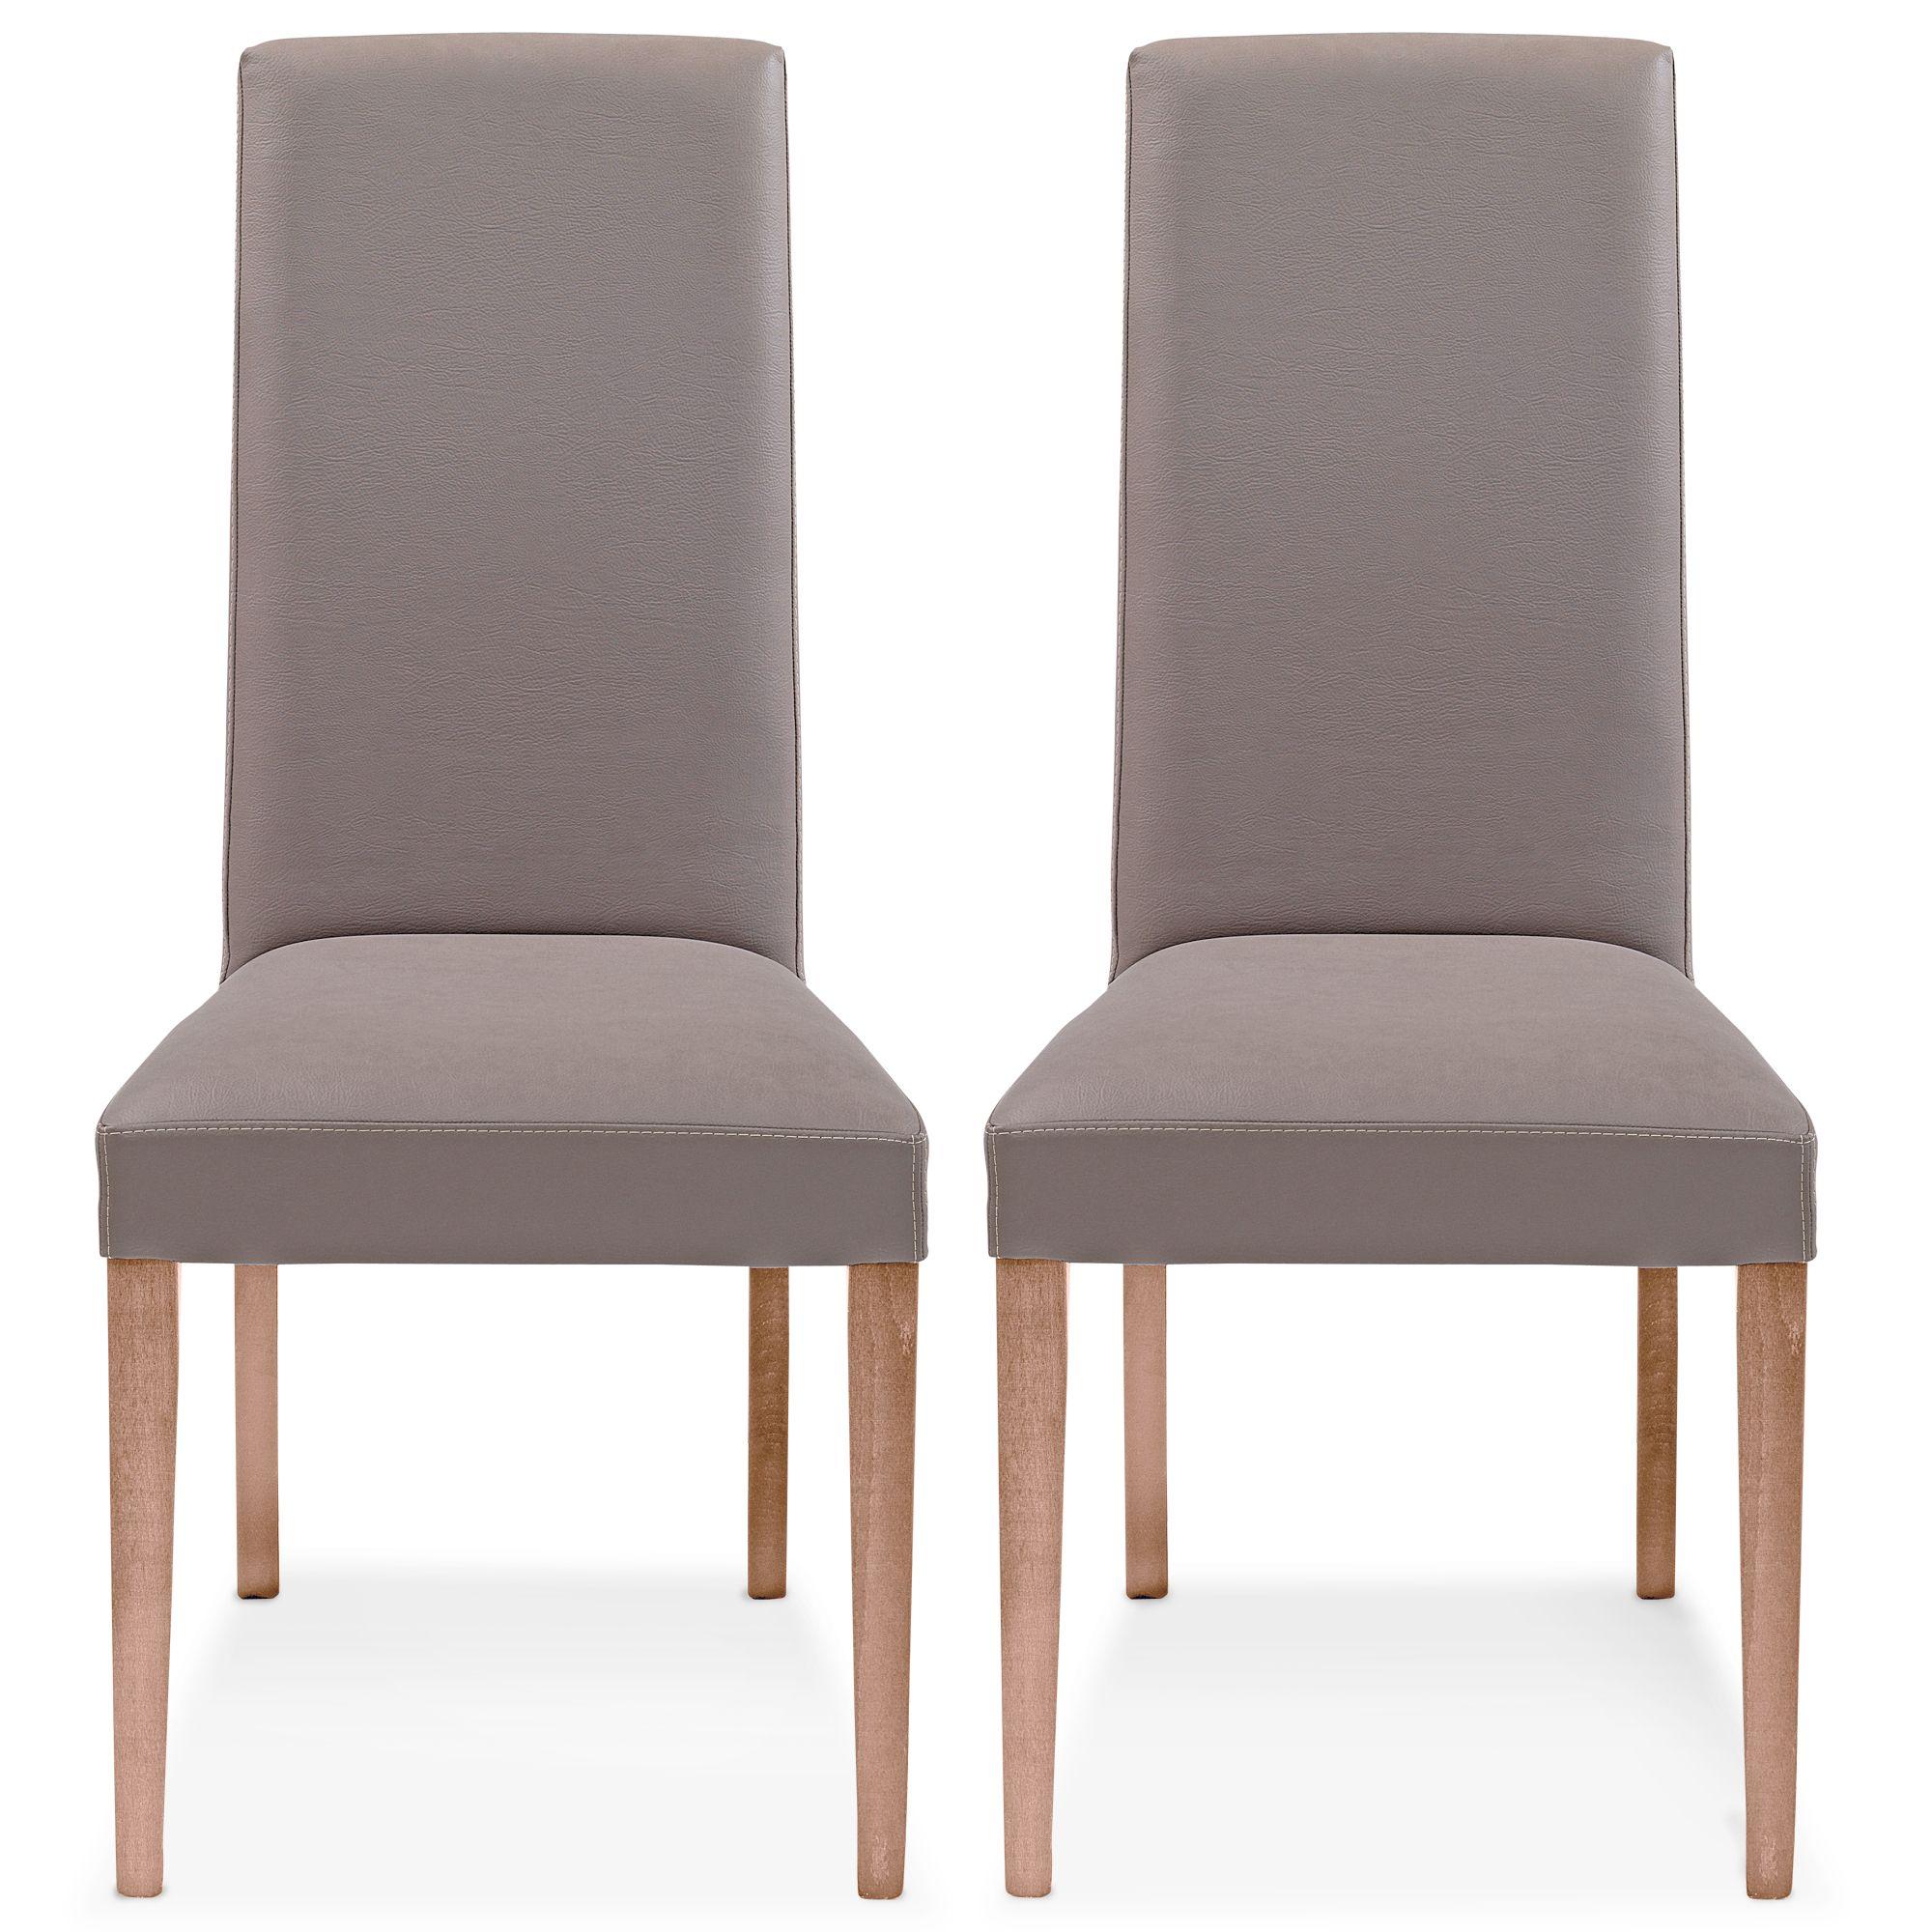 Lot de 2 chaises Java prix promo La Maison de Valerie 125 99 € TTC